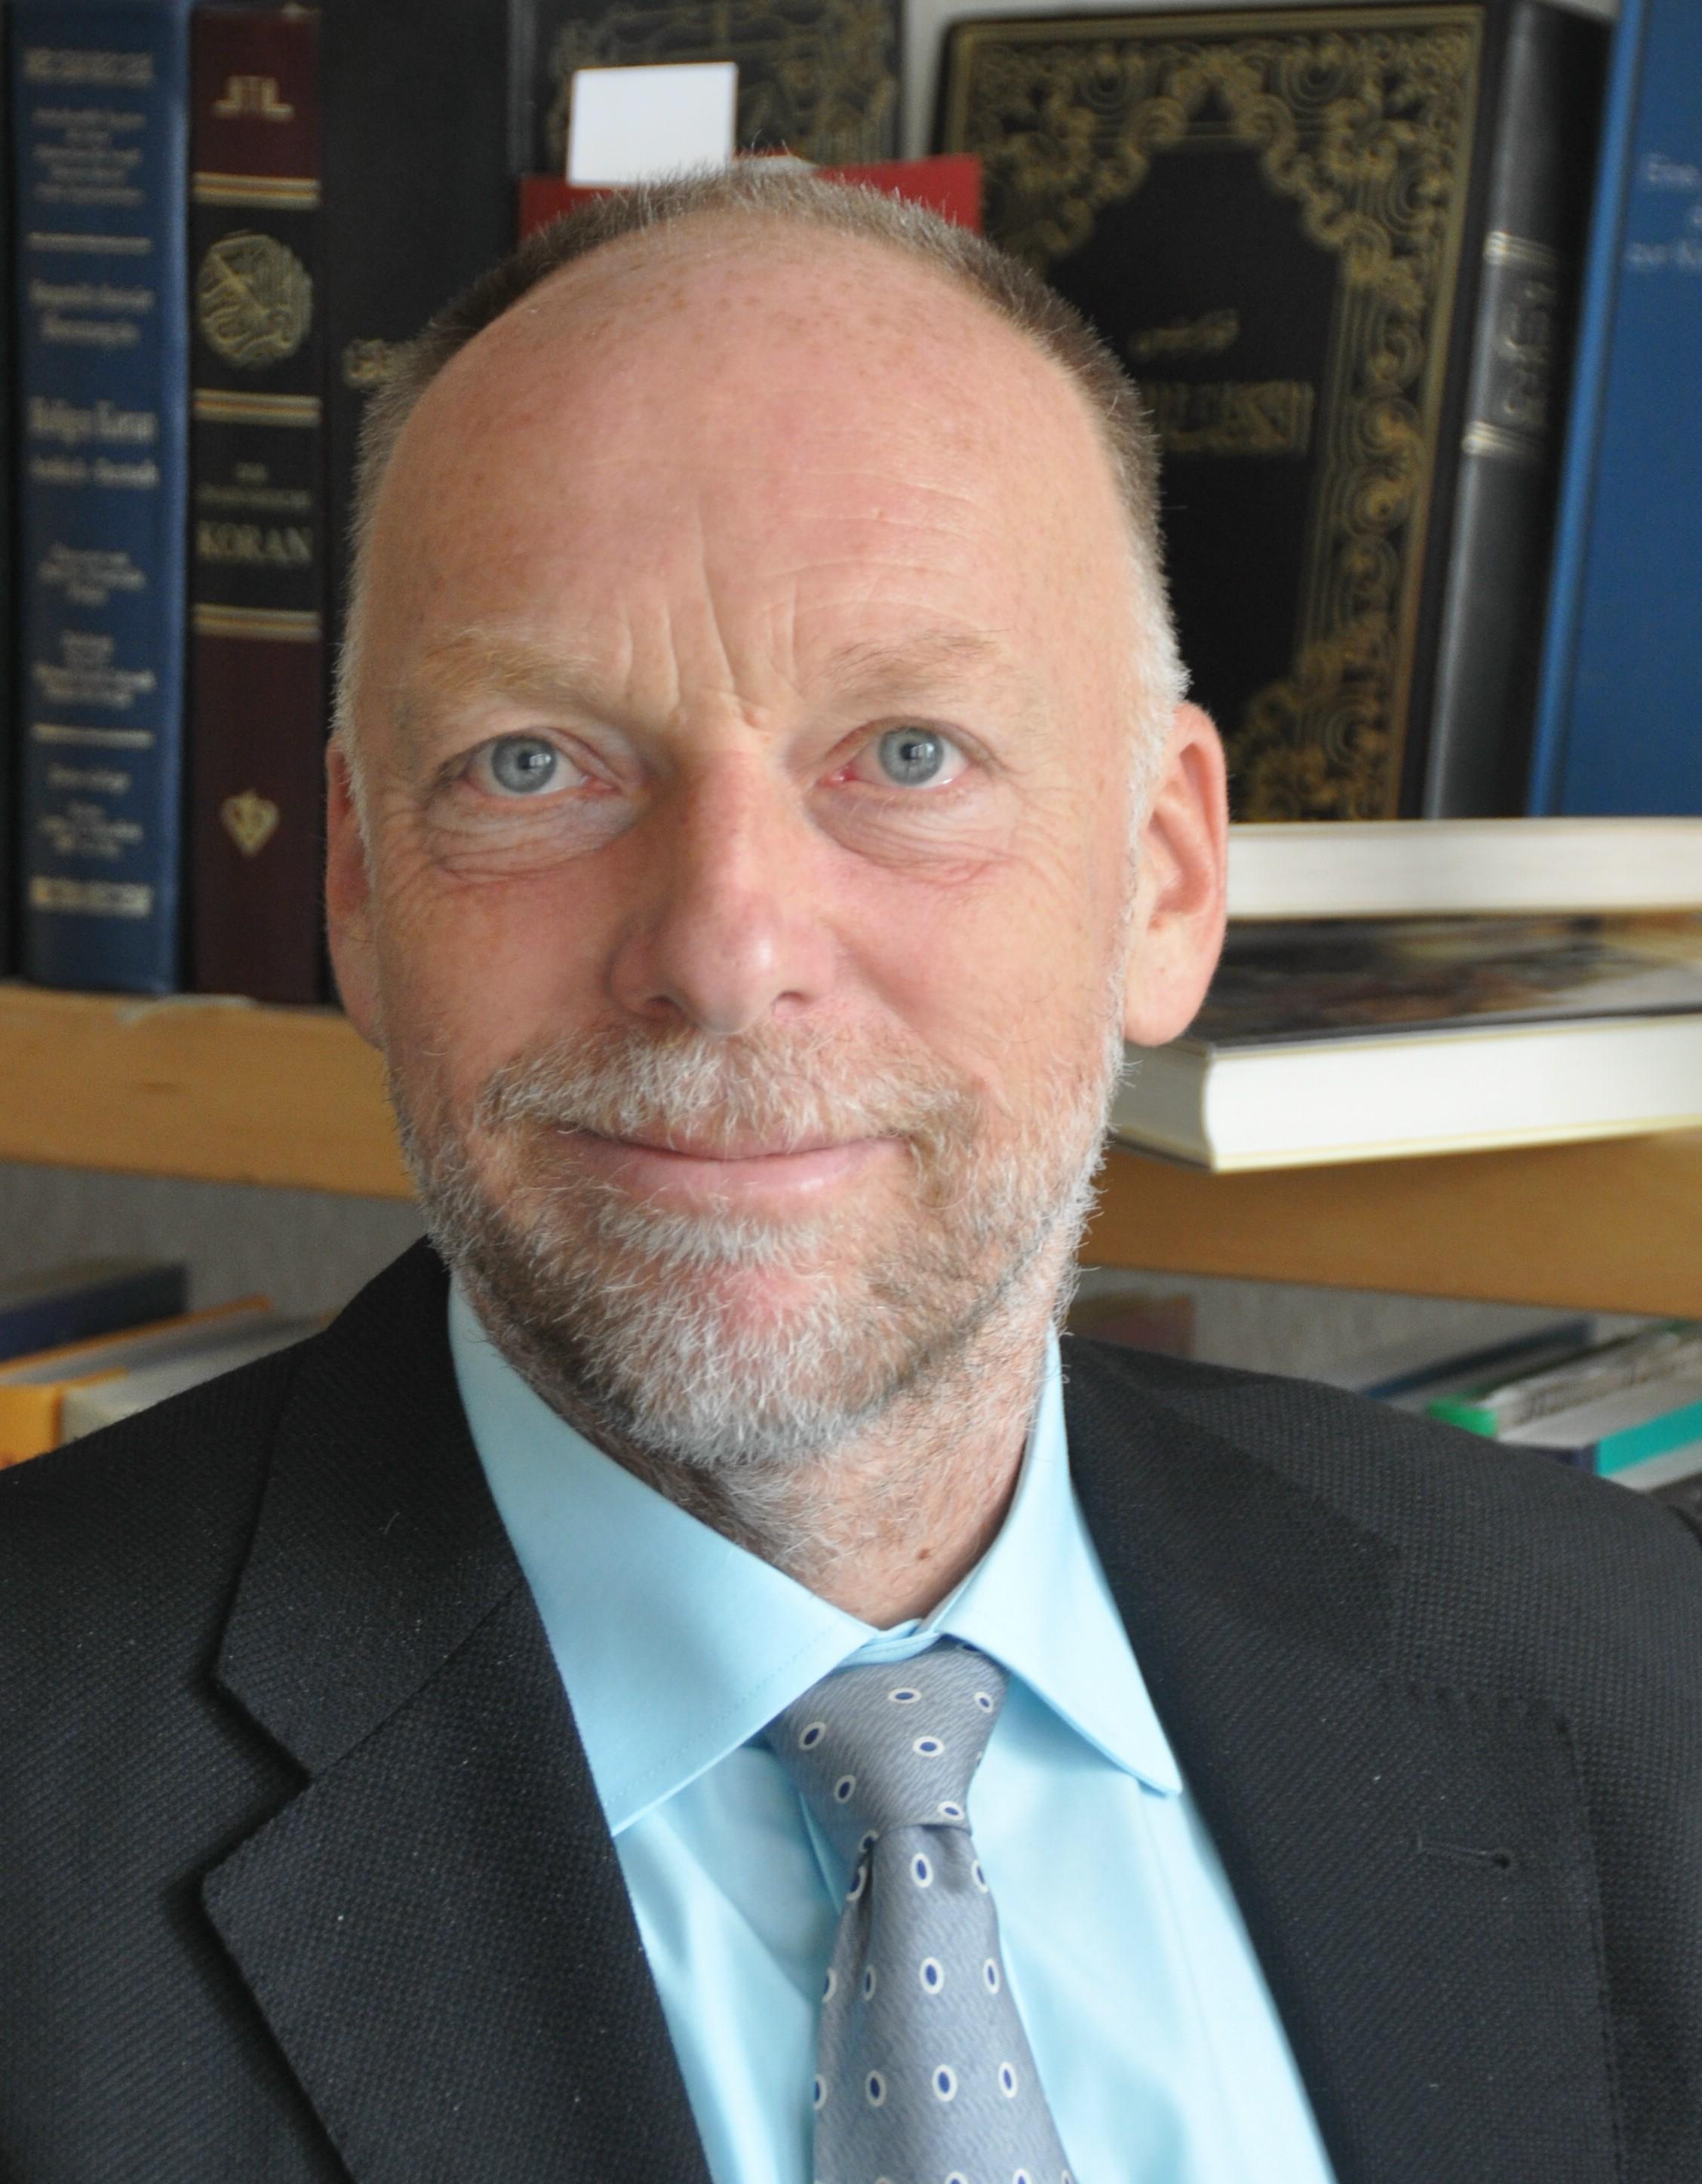 Dr. Frank van der Velden ist seit 1.8.2014 Leiter der katholischen Erwachsenenbildung in Wiesbaden und hat zuvor 17 Jahre in Ägypten und in den Ländern der Region des Nahen Orients gearbeitet. Foto: Bistum Limburg